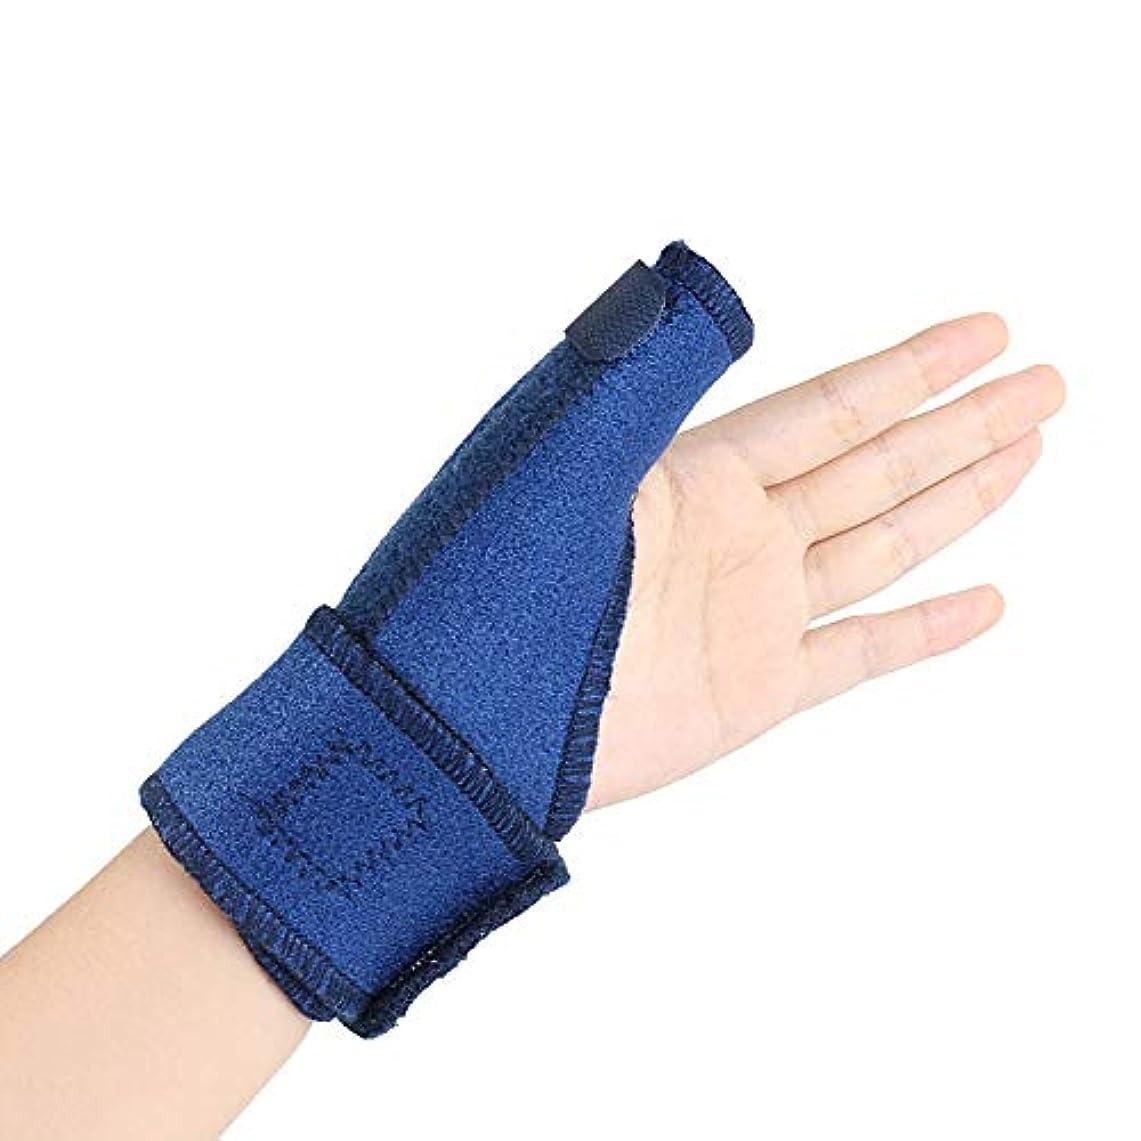 凍るトンネルデクリメントyuio トリガーフィンガースプリントフィンガーブレースサムブレースサポート-関節炎用親指スピカスプリント、腱炎-シンプルなデザイン(右、青)